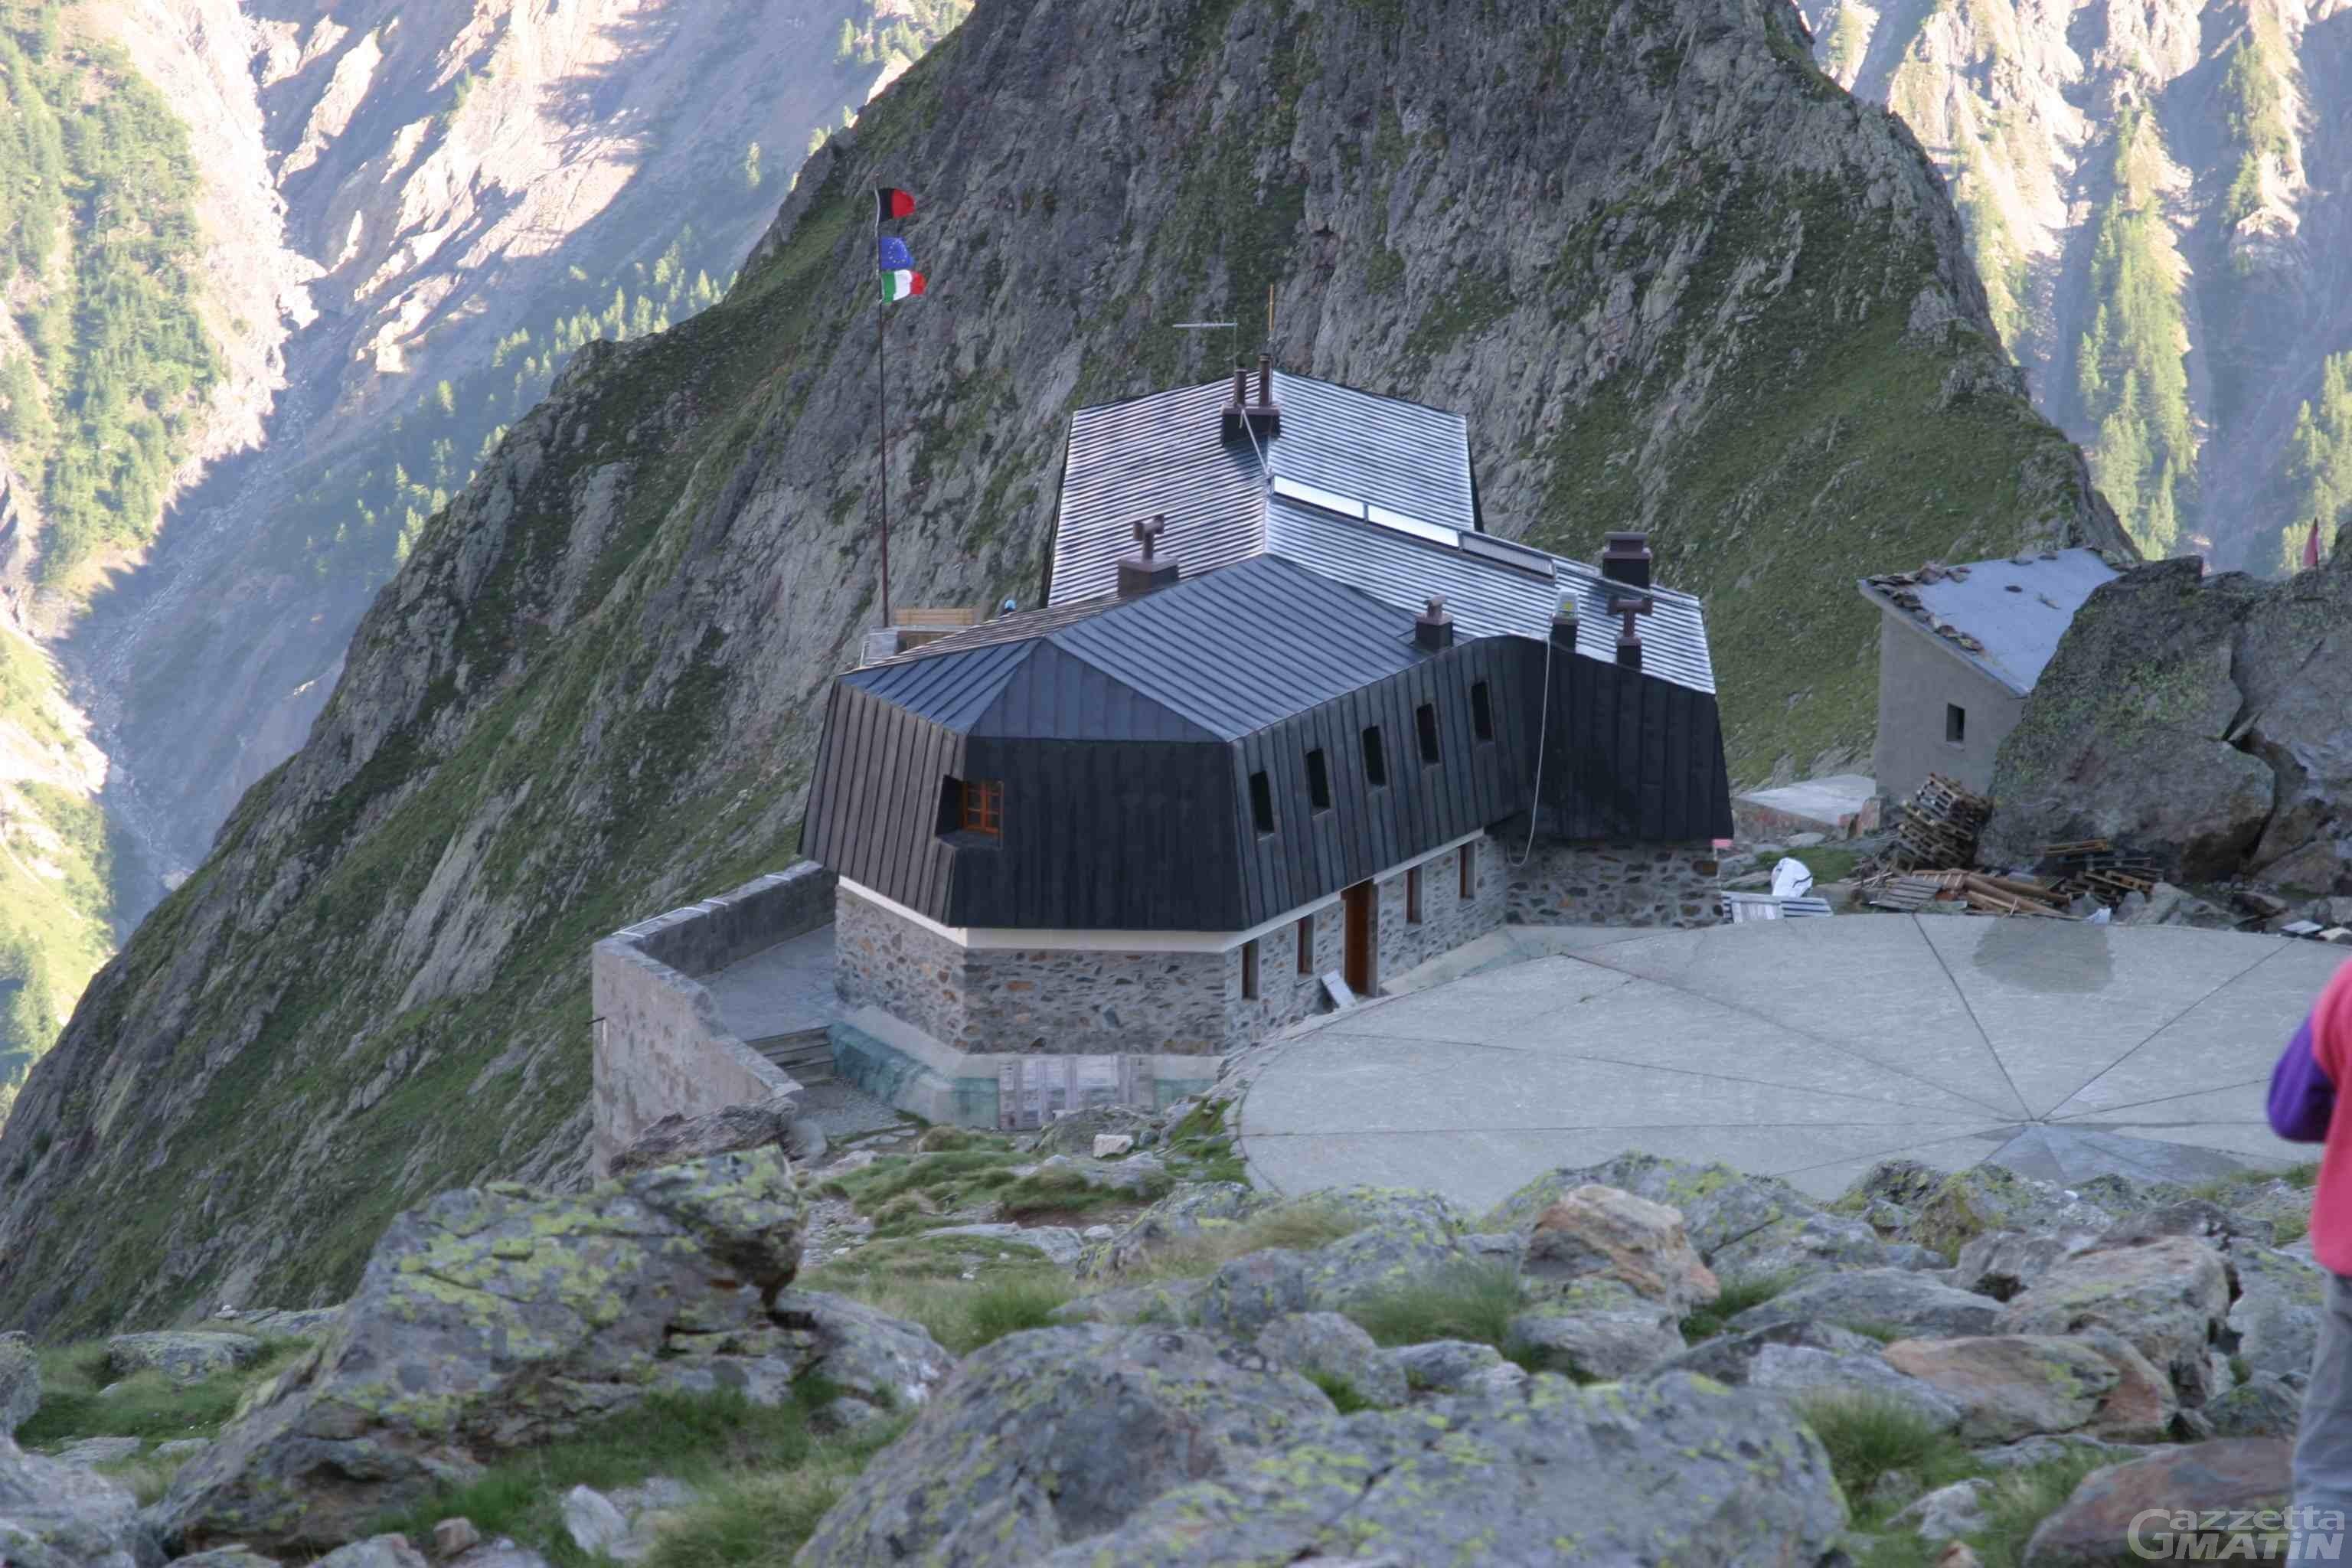 A scuola di alpinismo al Monzino